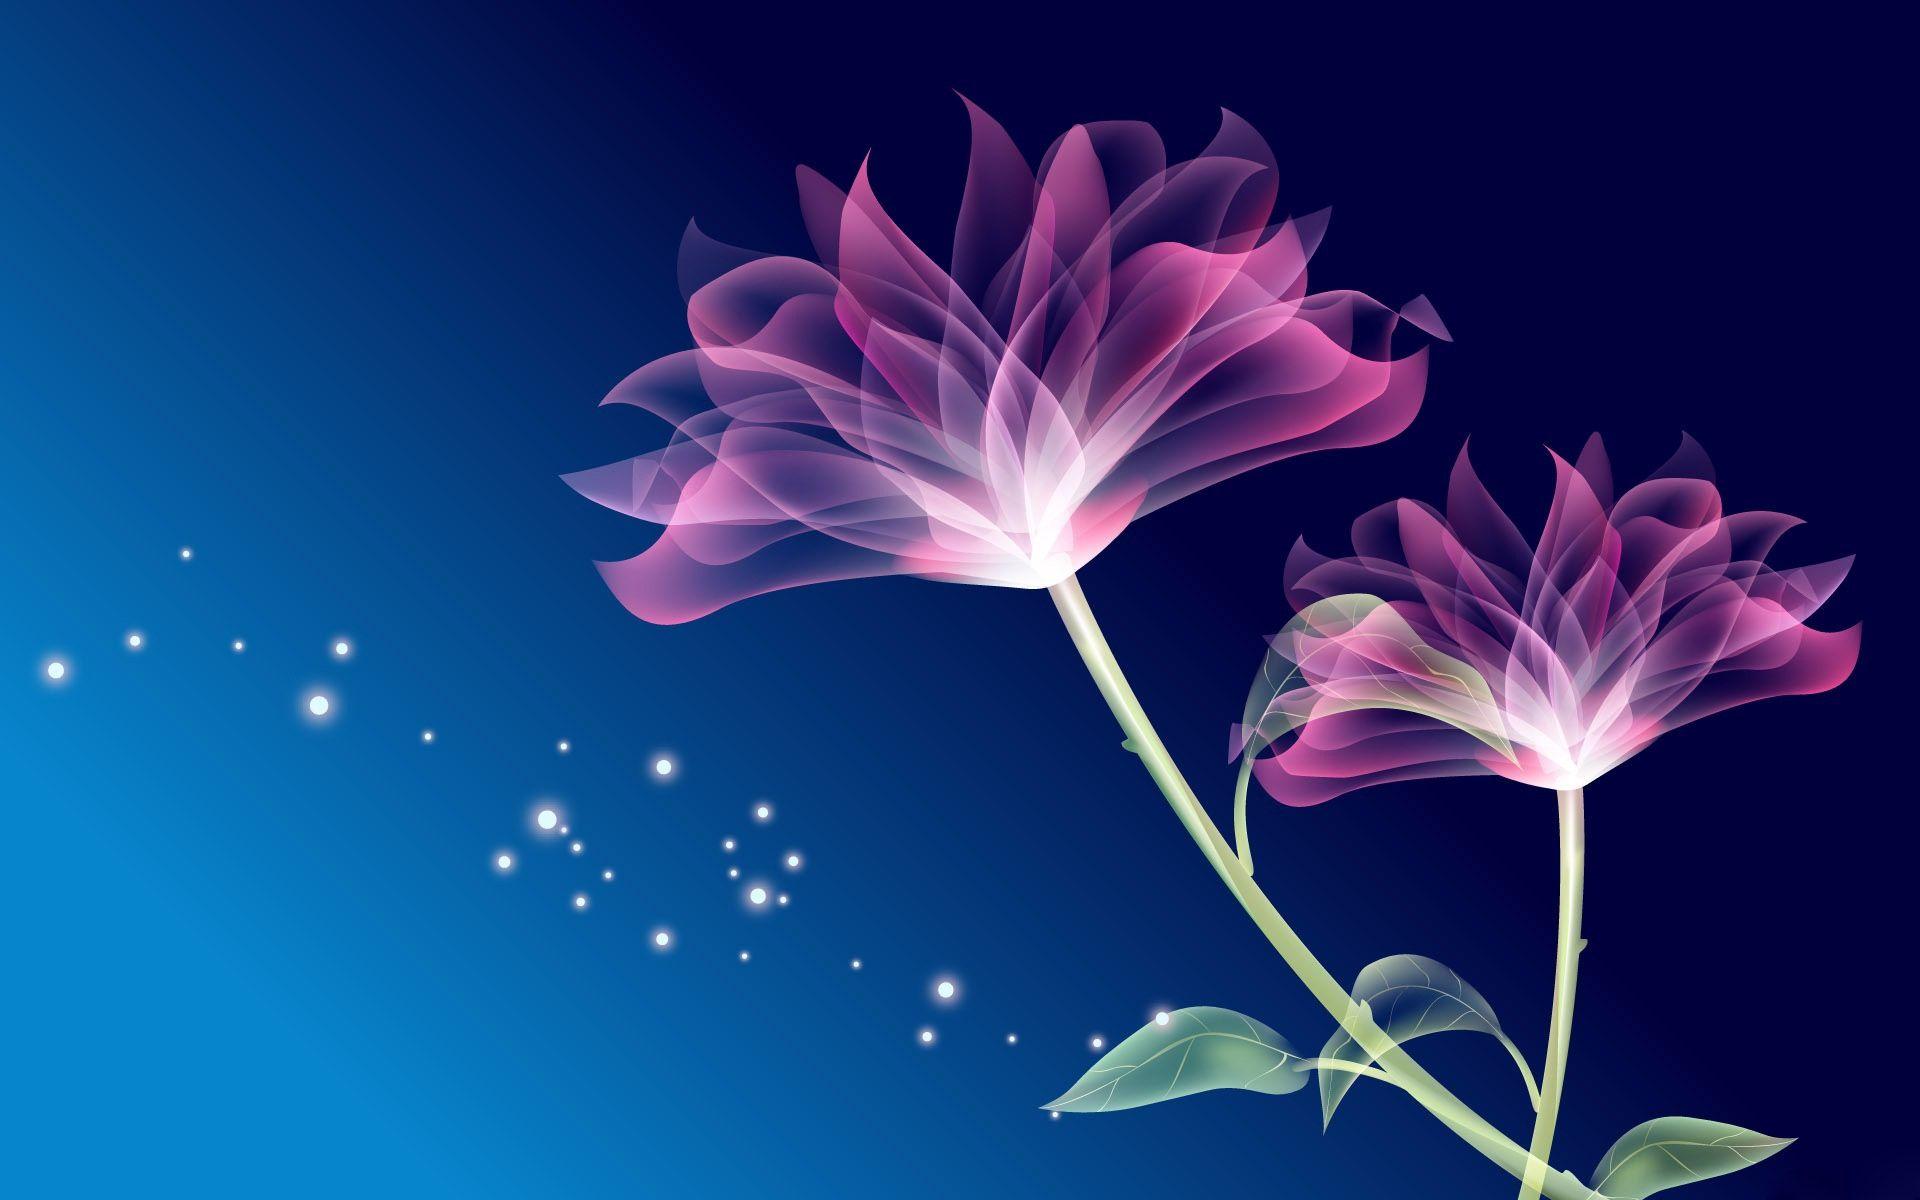 3d Wallpaper Flower Download